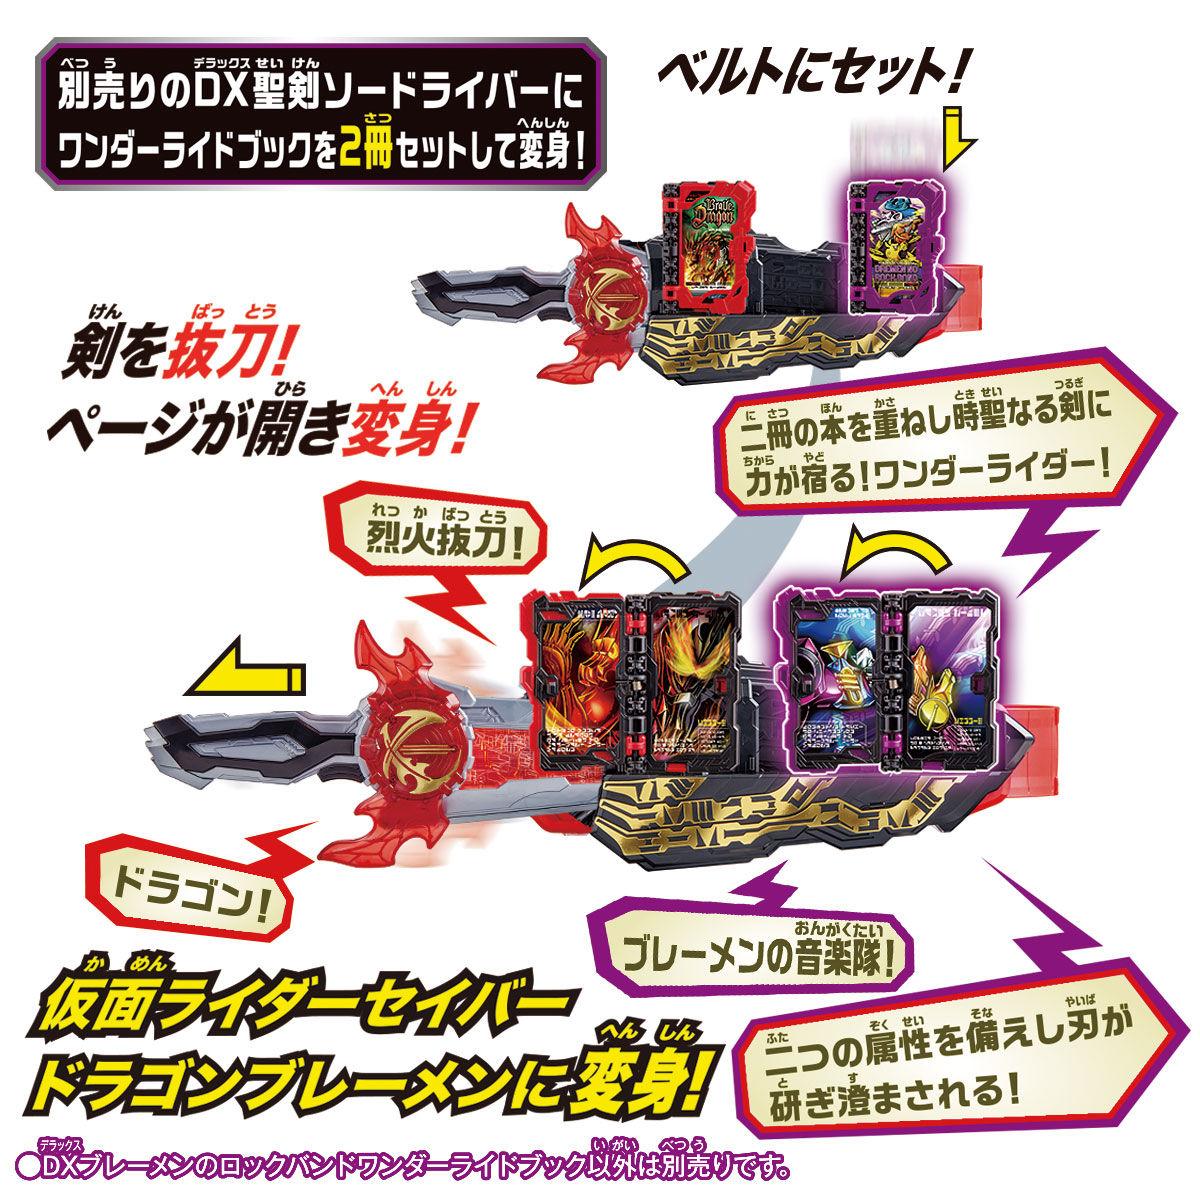 仮面ライダーセイバー『DXブレーメンのロックバンドワンダーライドブック』変身なりきり-005